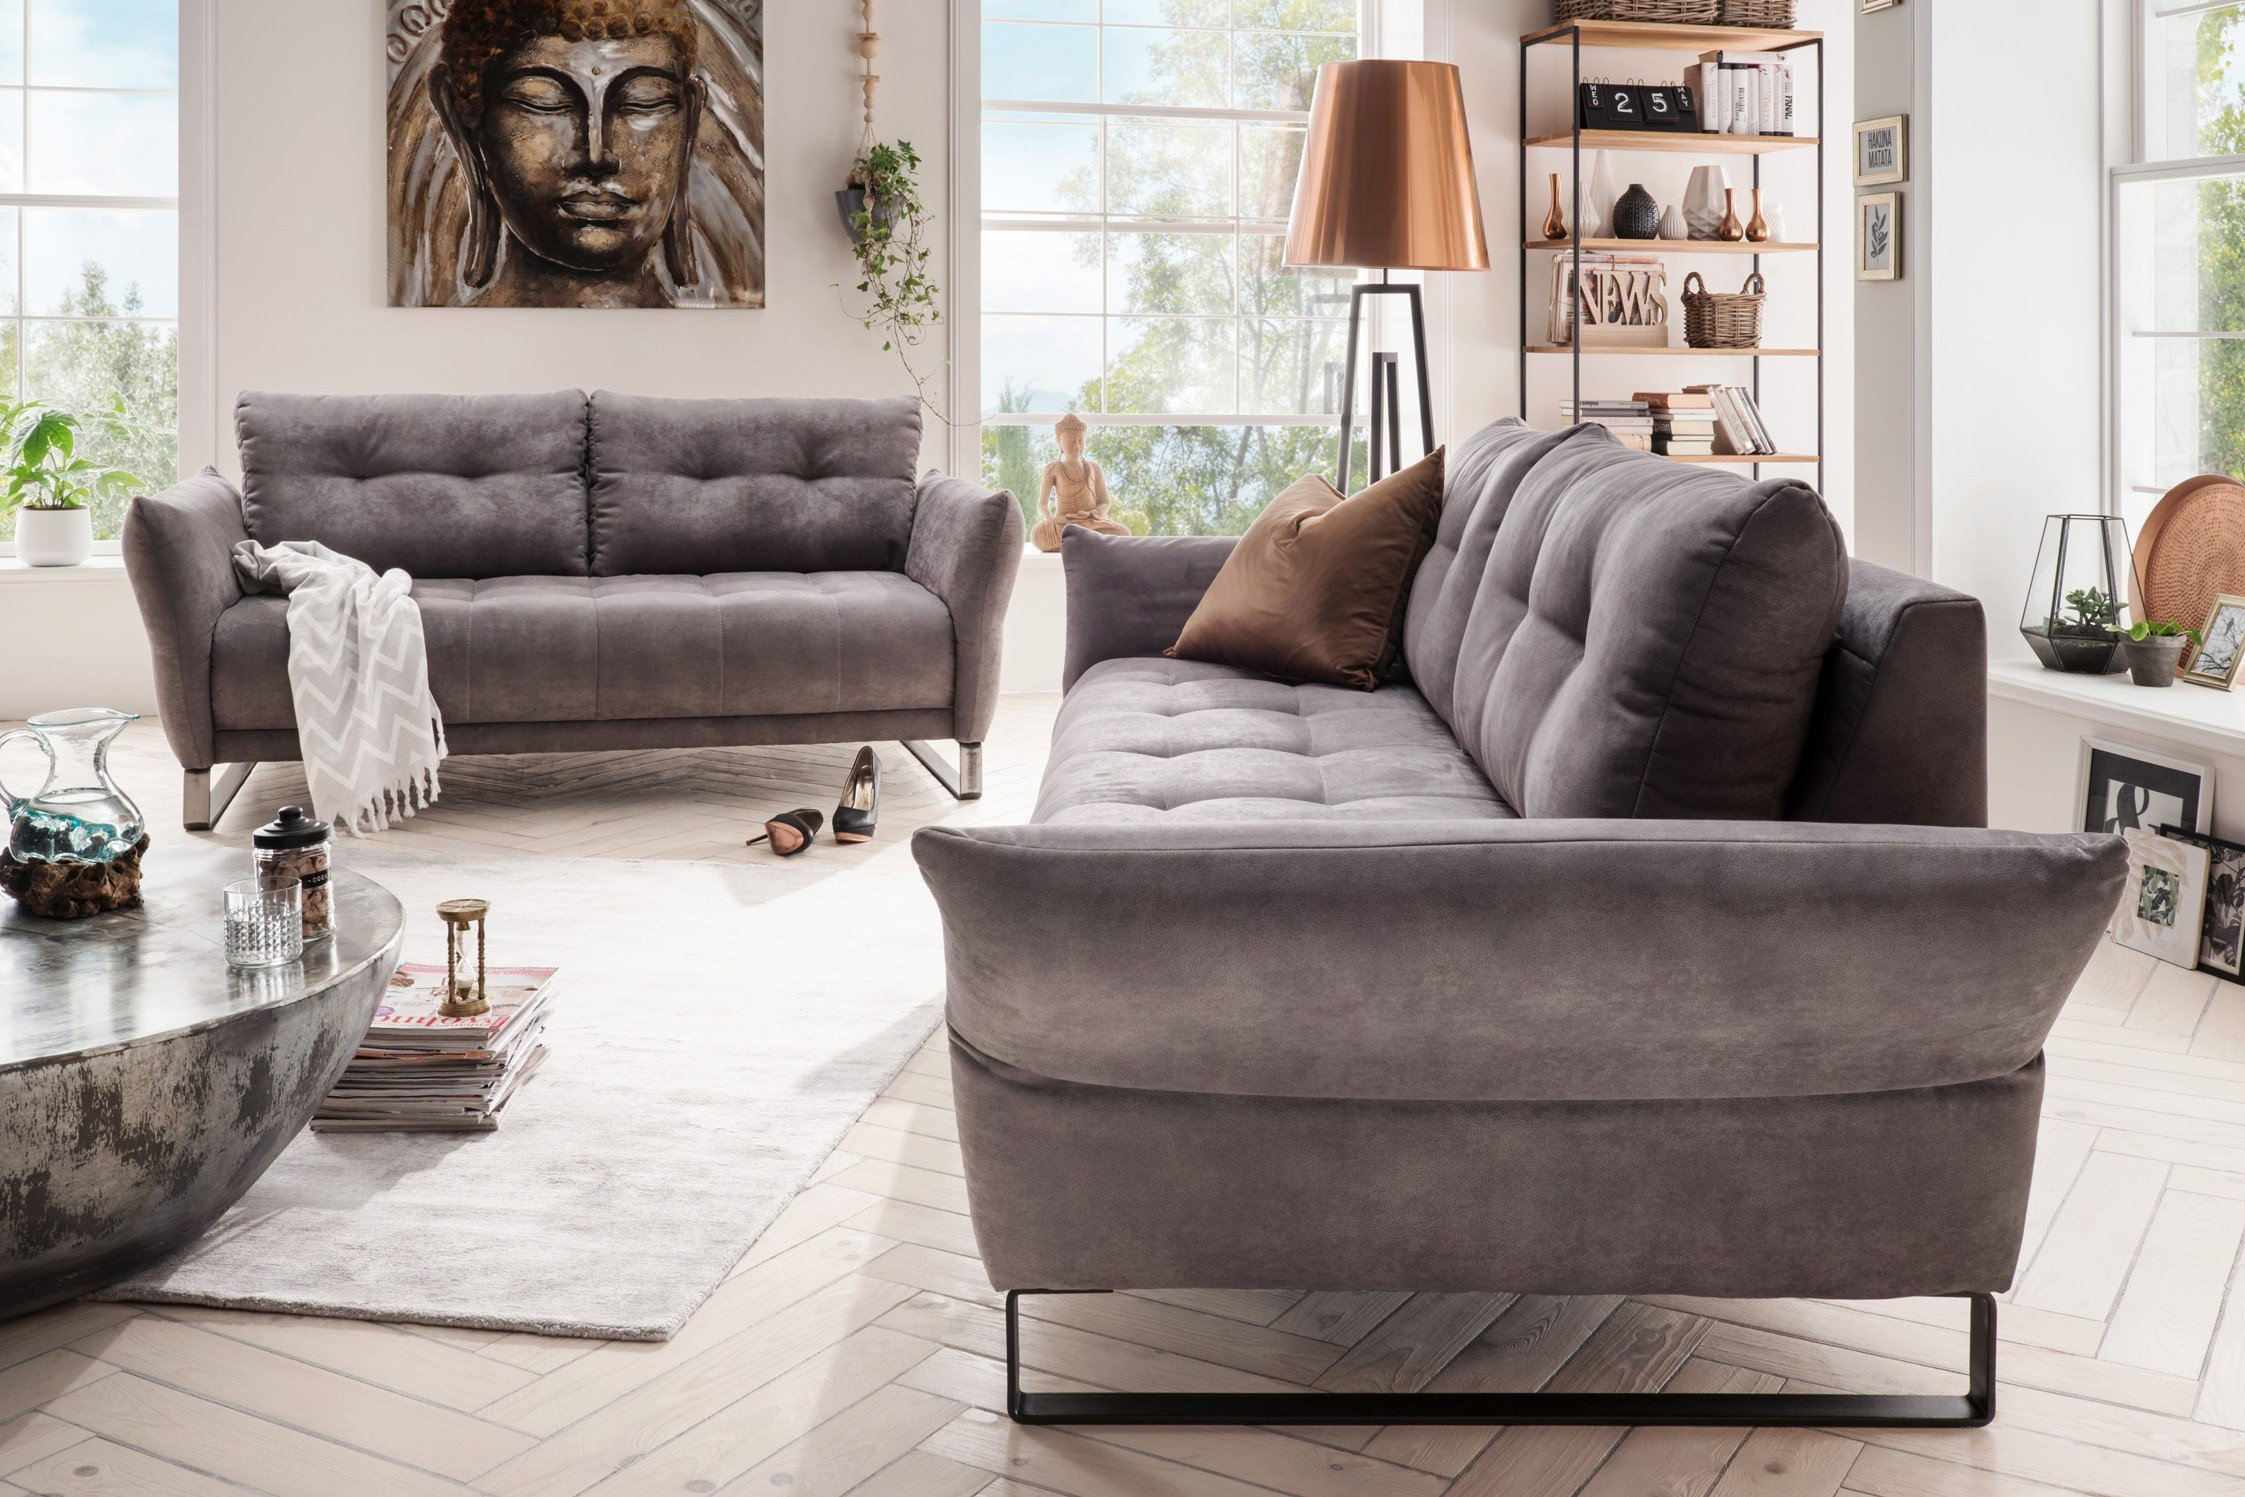 Wohnglücklich By Infantil Manzoni Sofagruppe Schlamm Möbel Letz